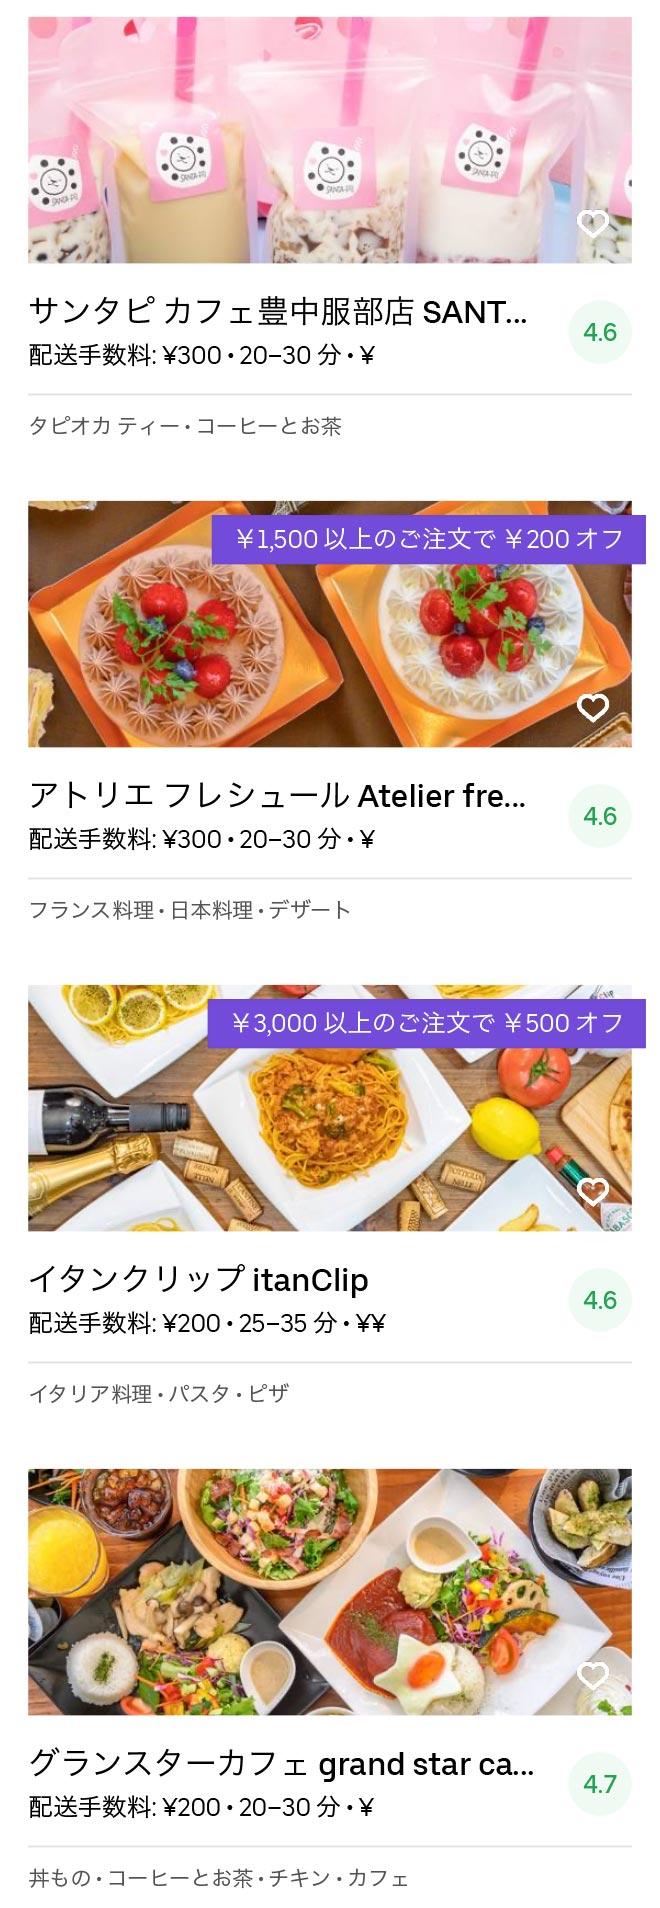 Toyonaka menu 2005 09